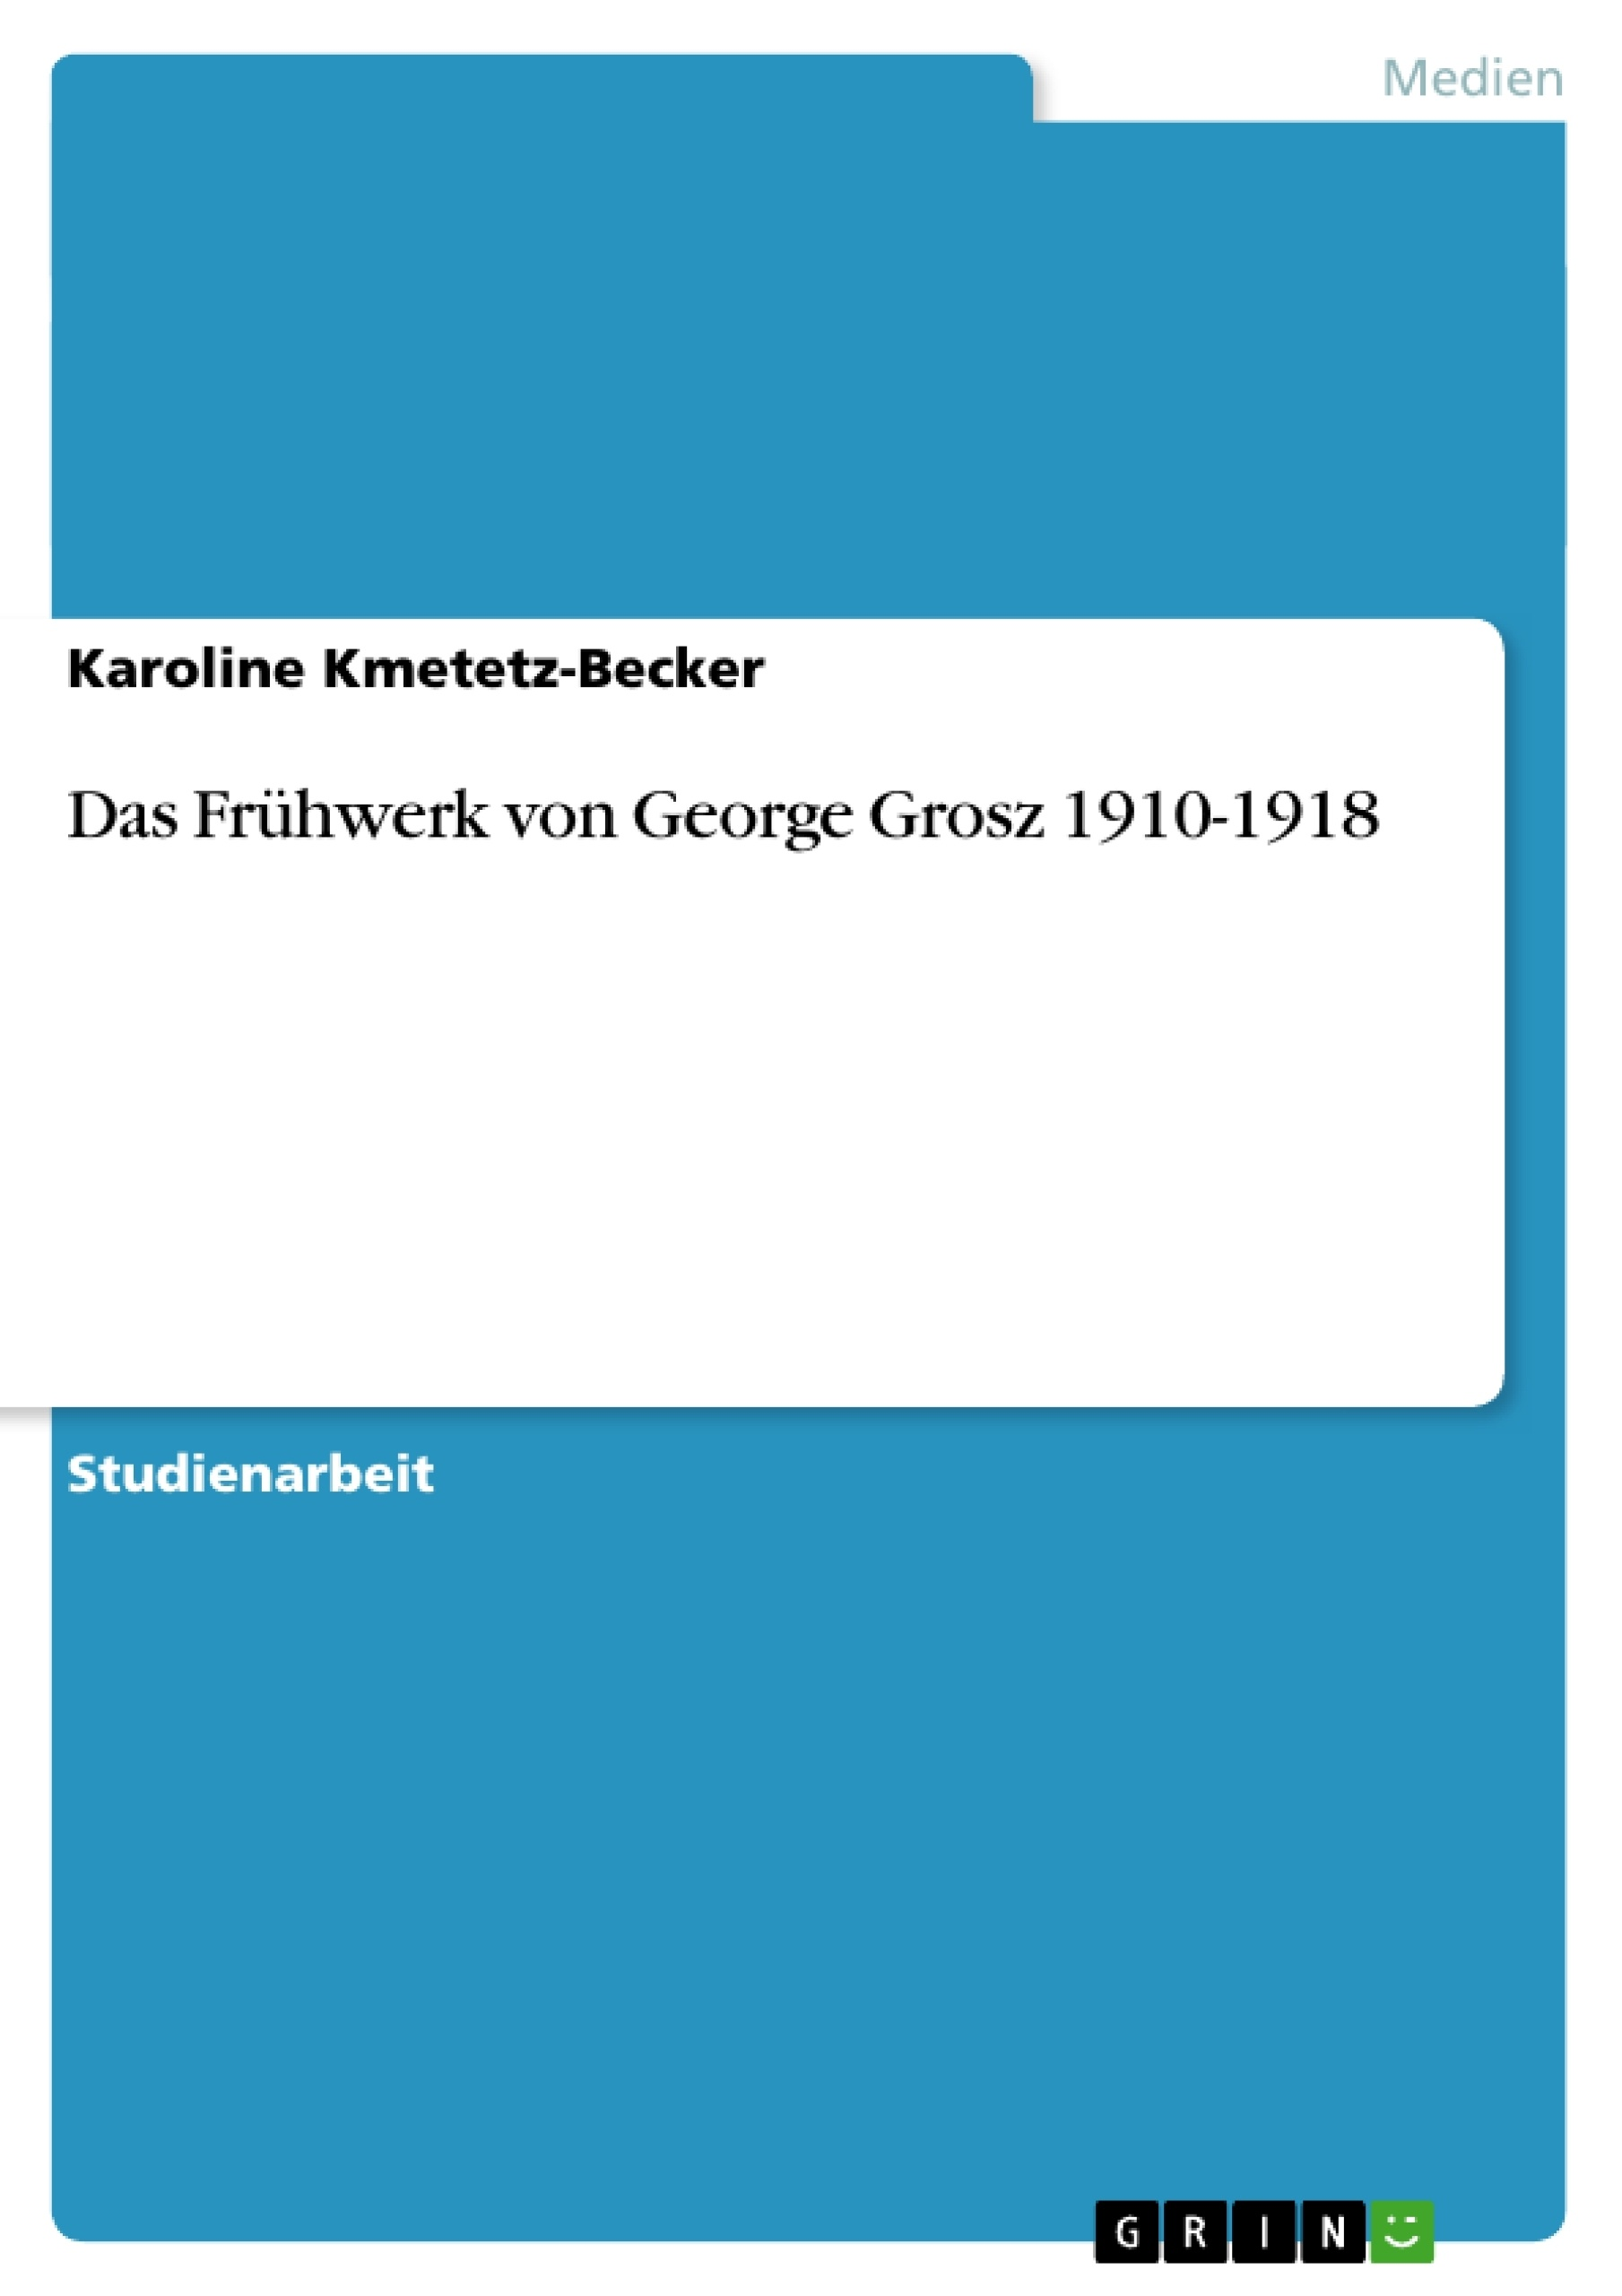 Titel: Das Frühwerk von George Grosz 1910-1918